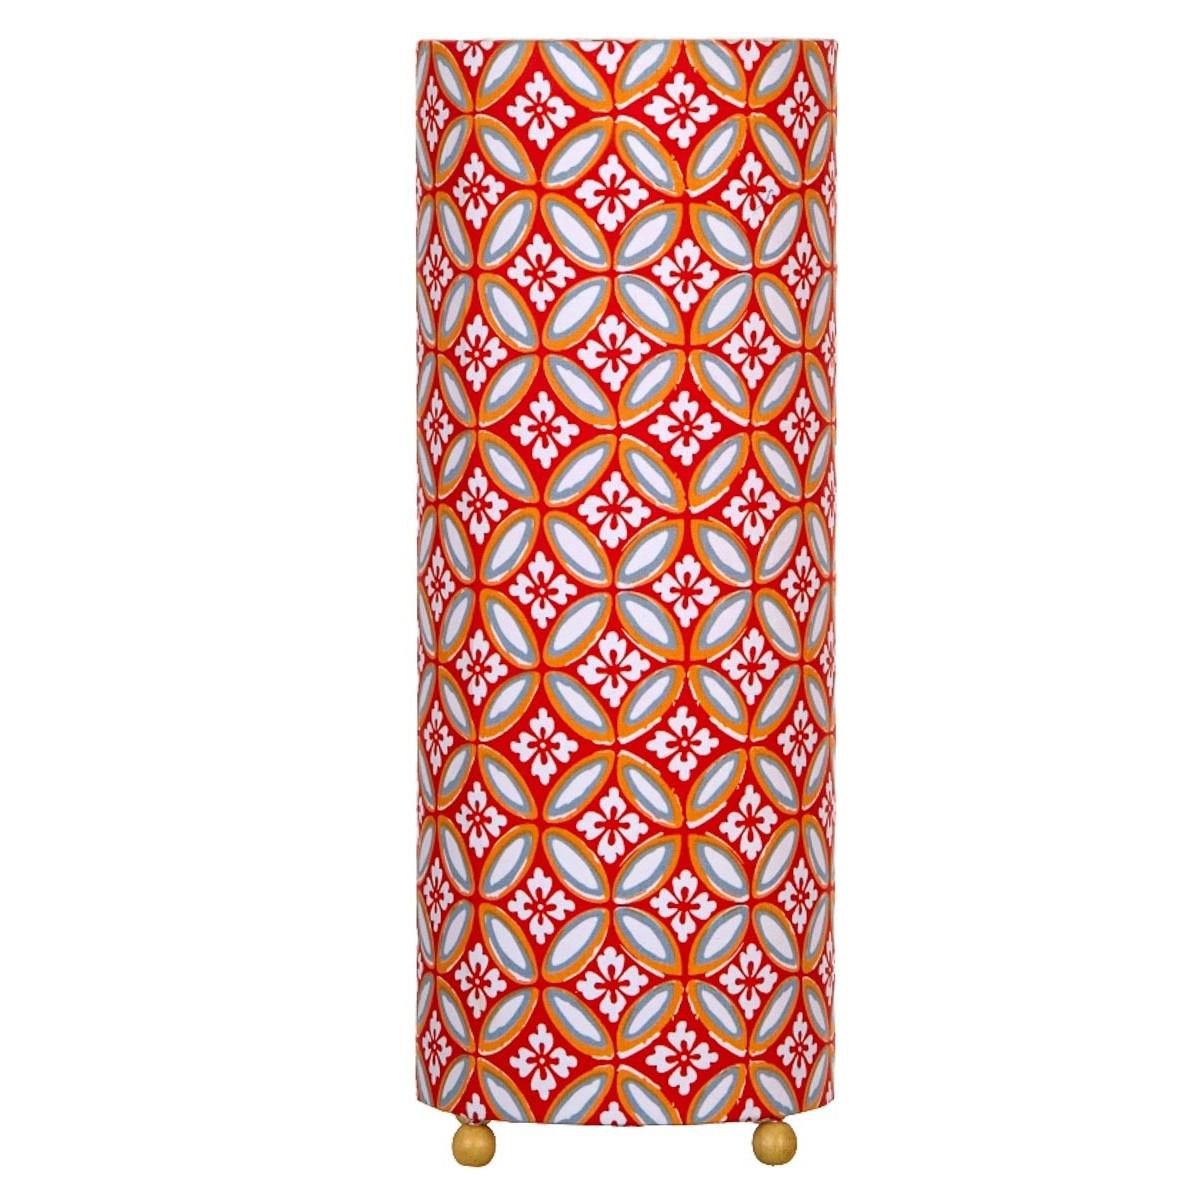 Lampe de chevet tissu Azulejos orange